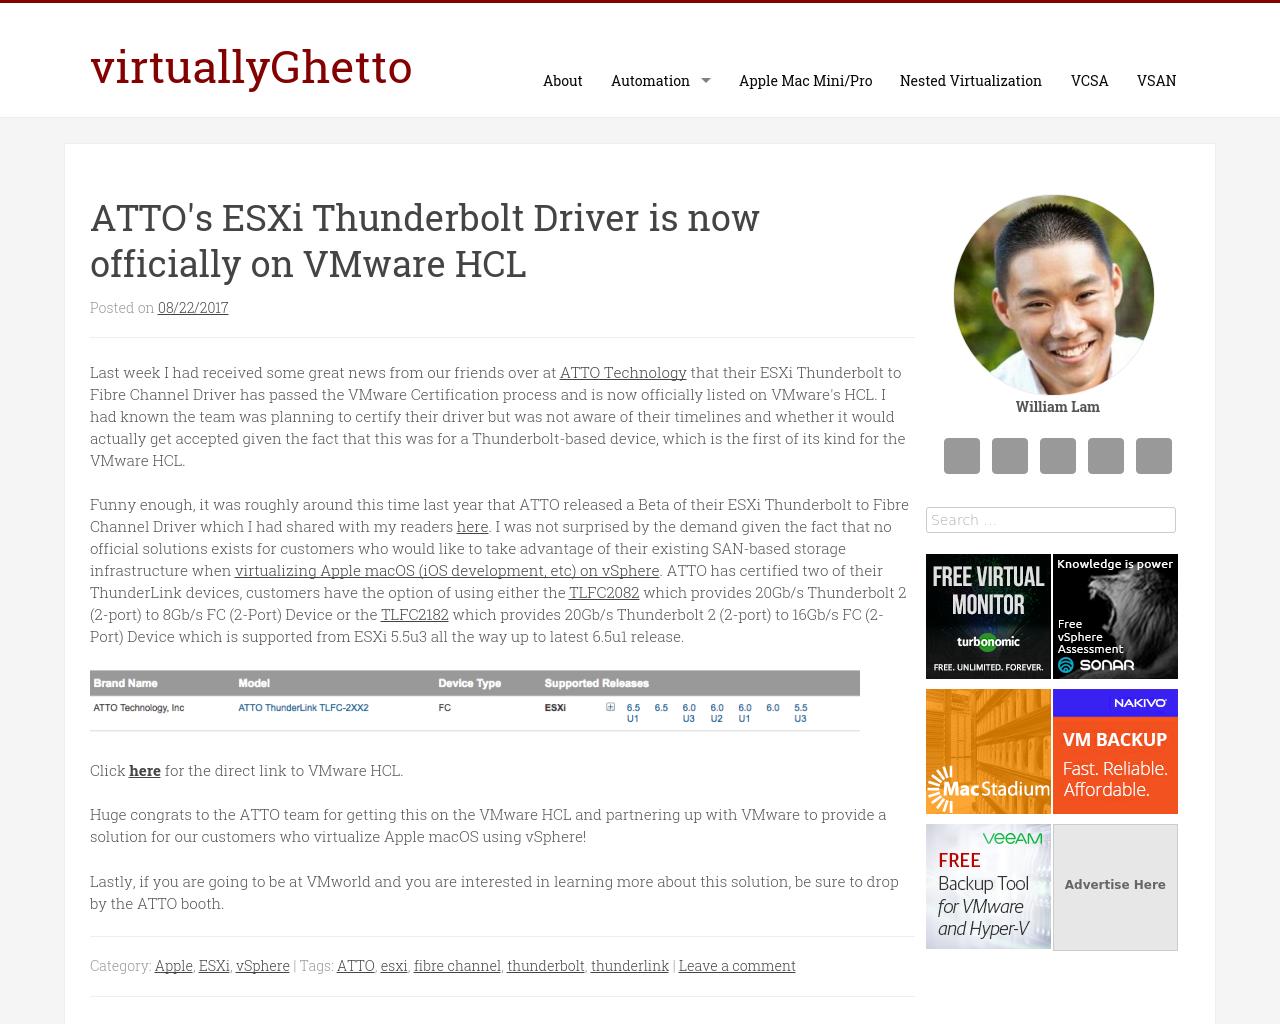 Virtuallyghetto-Advertising-Reviews-Pricing